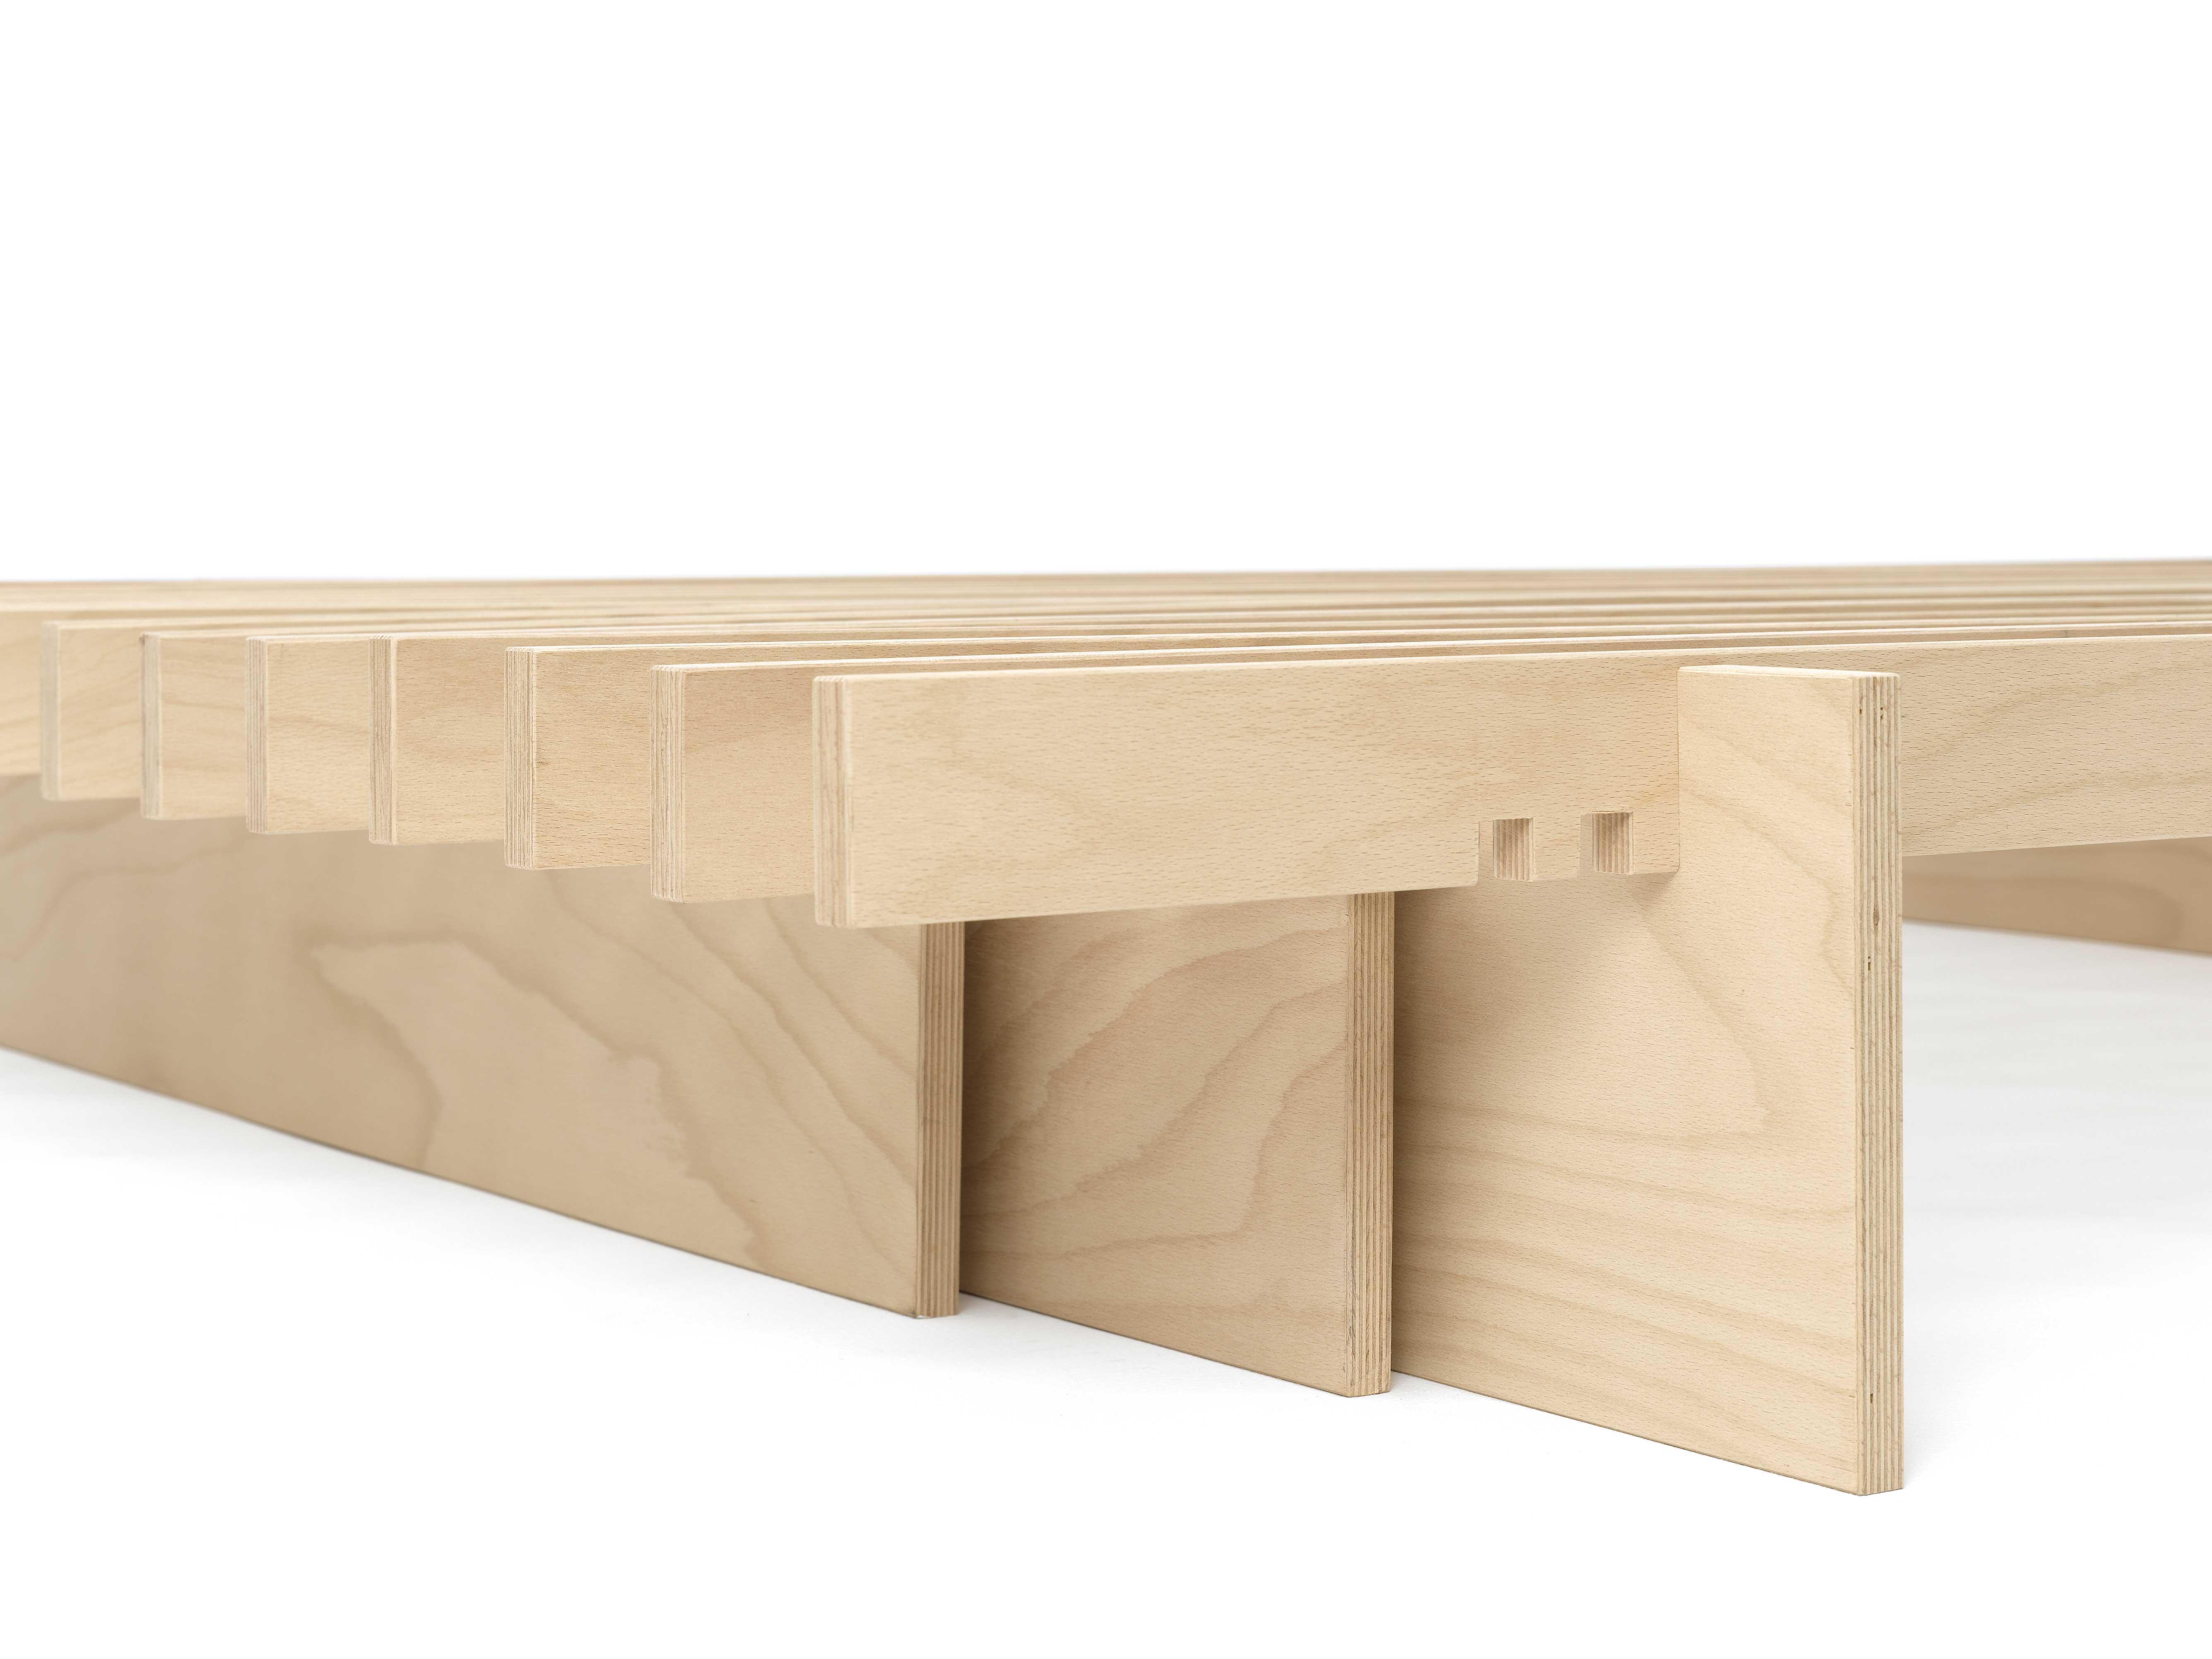 letto Dogo design ecologico doghe legno giapponese naturale (4) - Onfuton